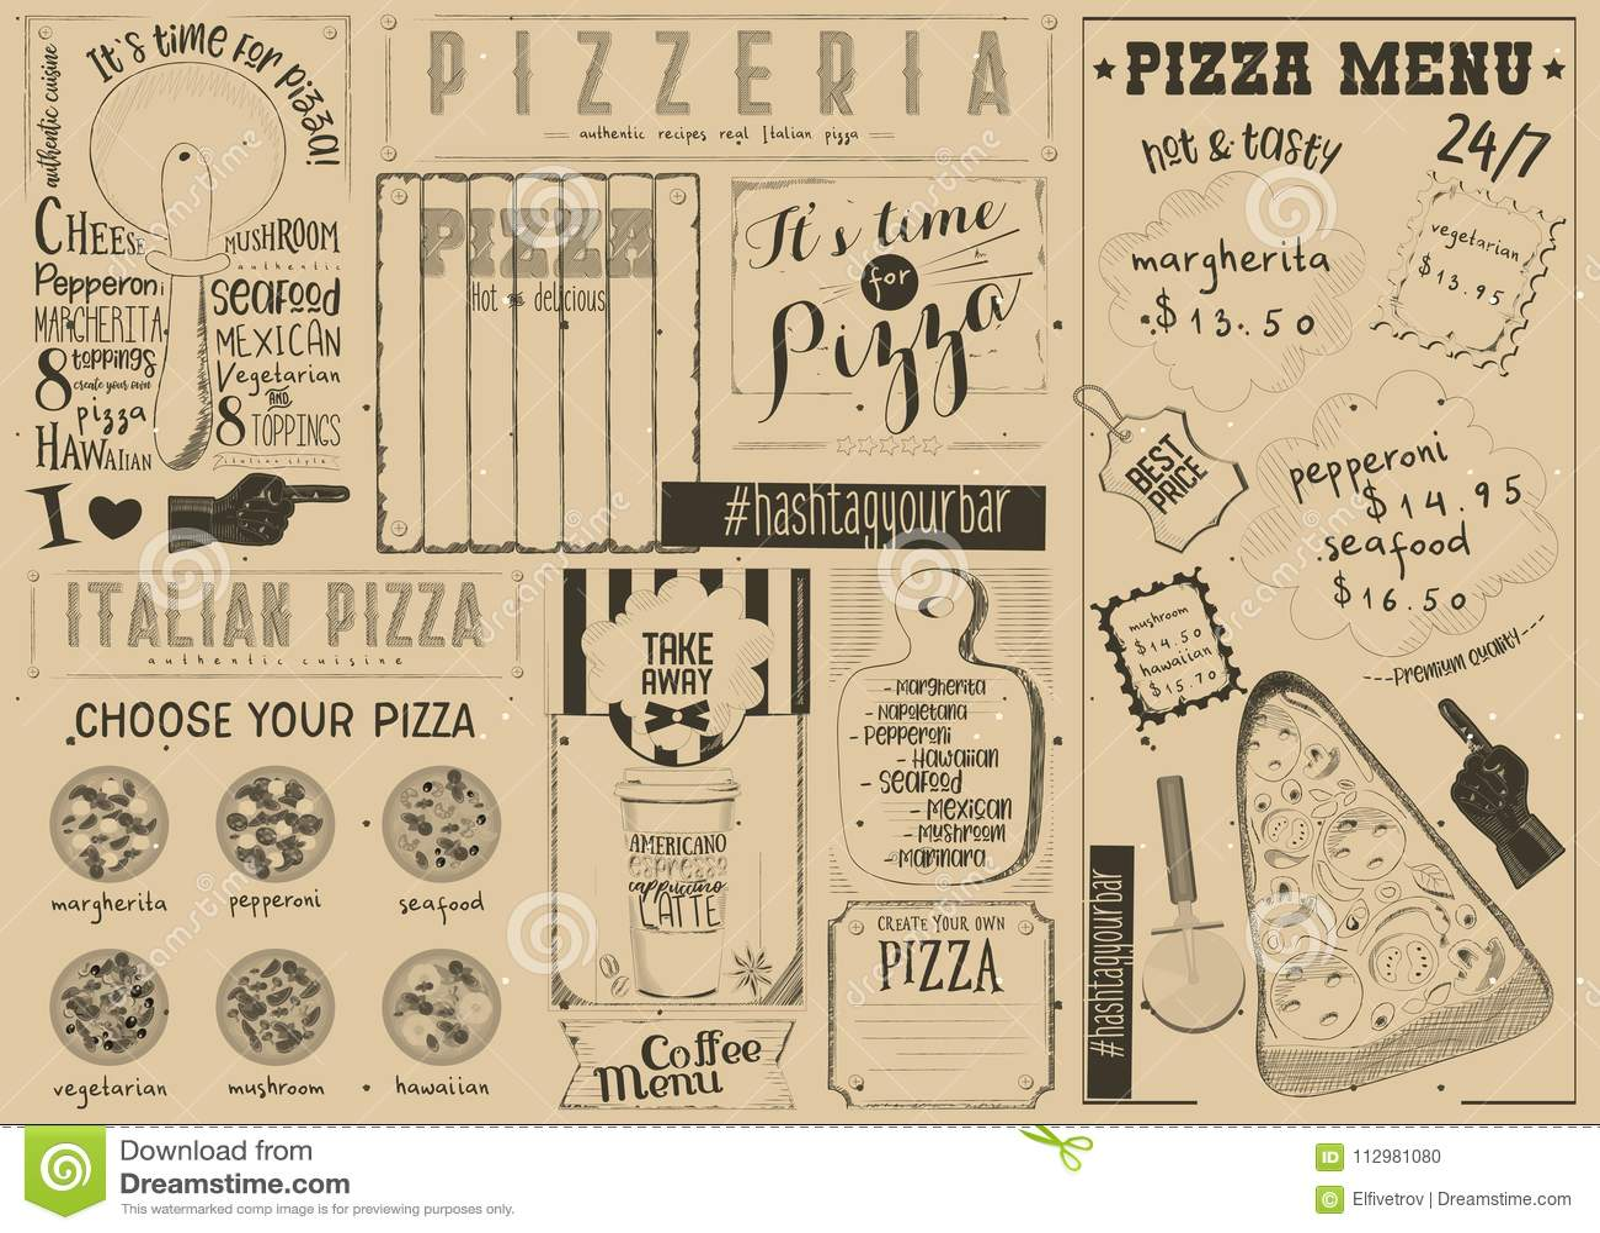 Pizza Menu Placemat